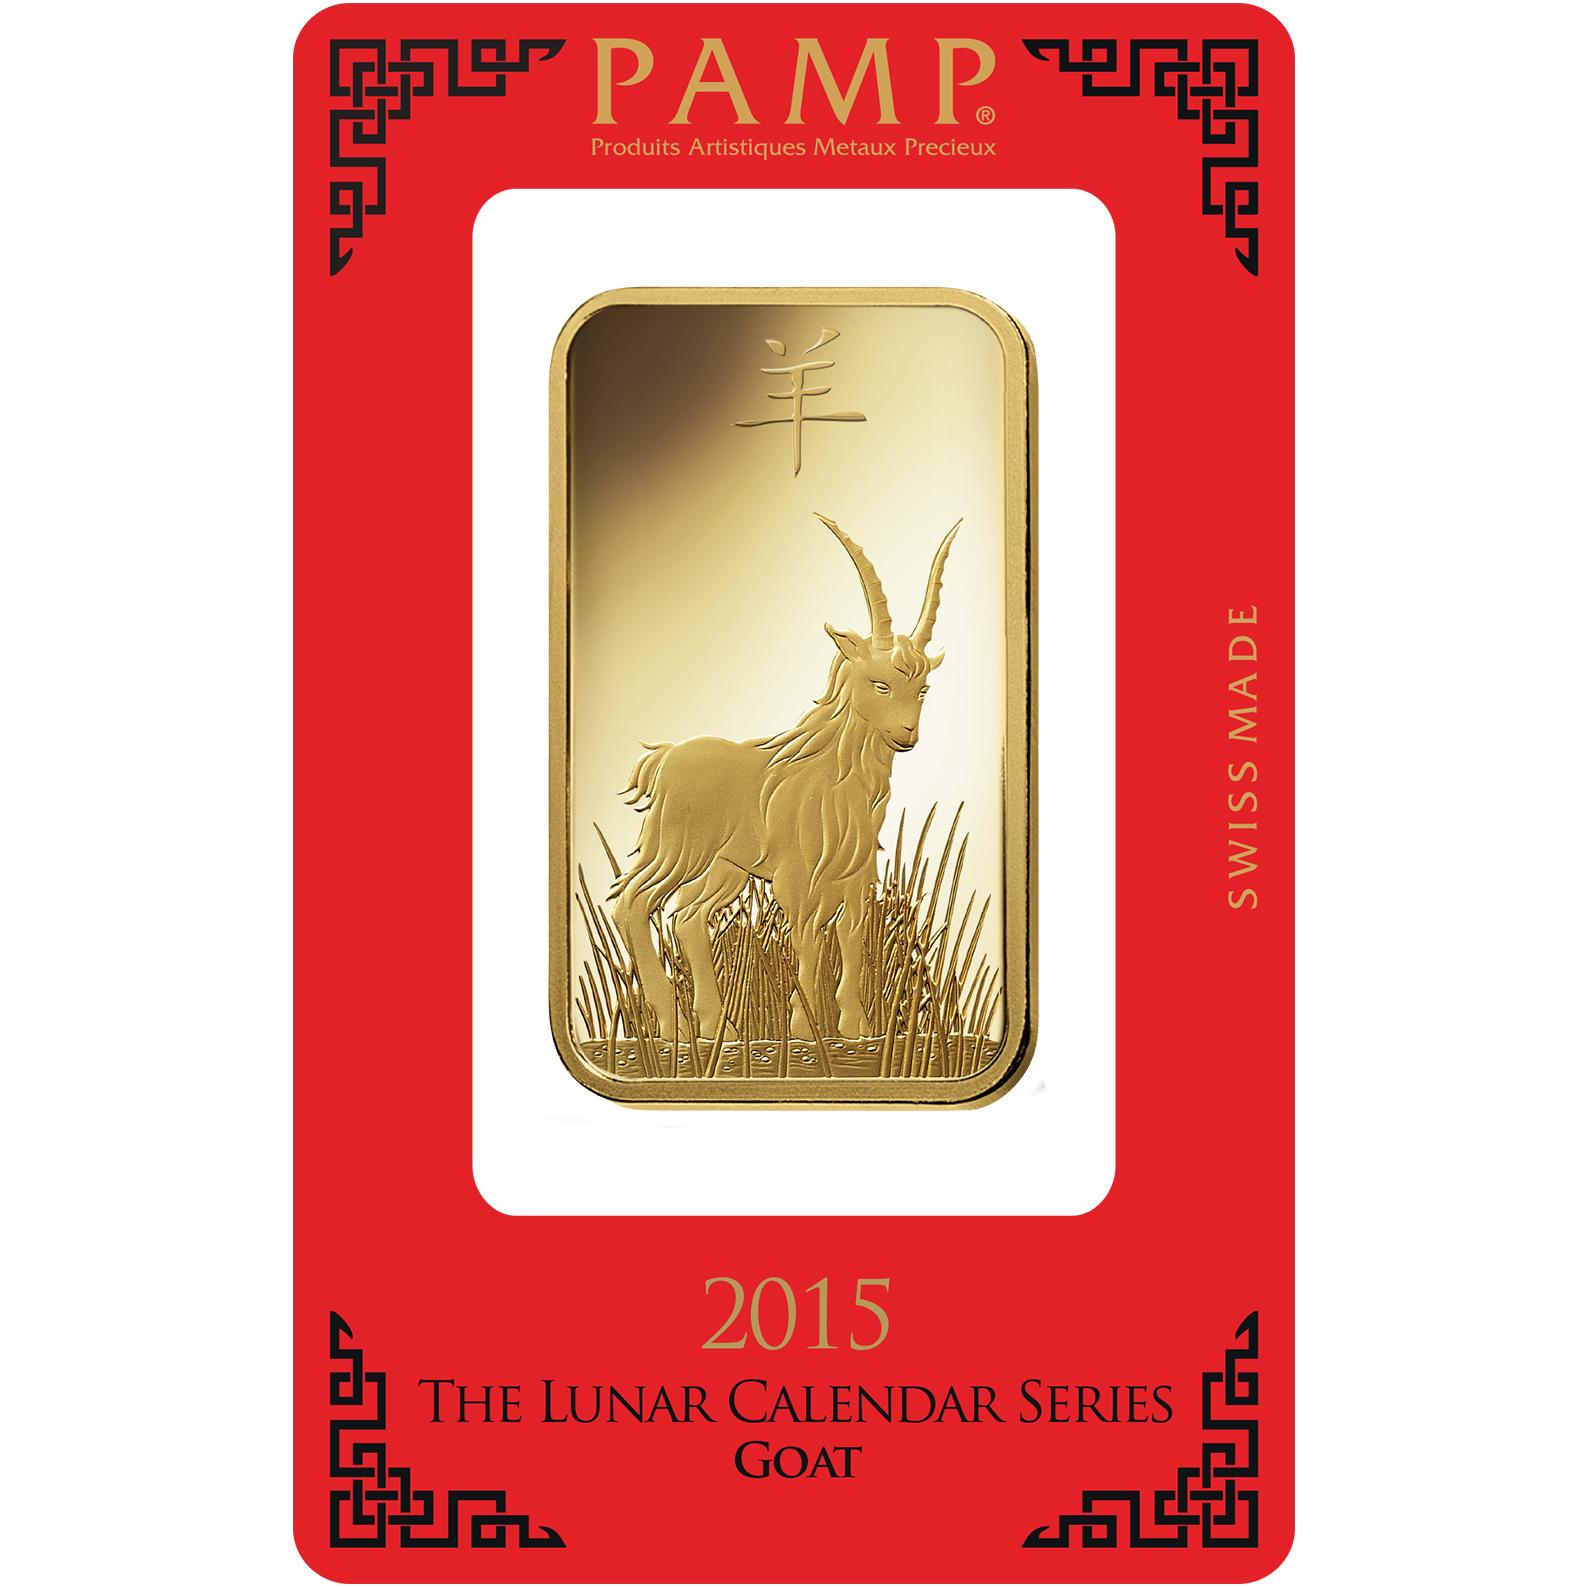 Lingotin d'or de 100 grammes - PAMP Suisse Lunar Chèvre